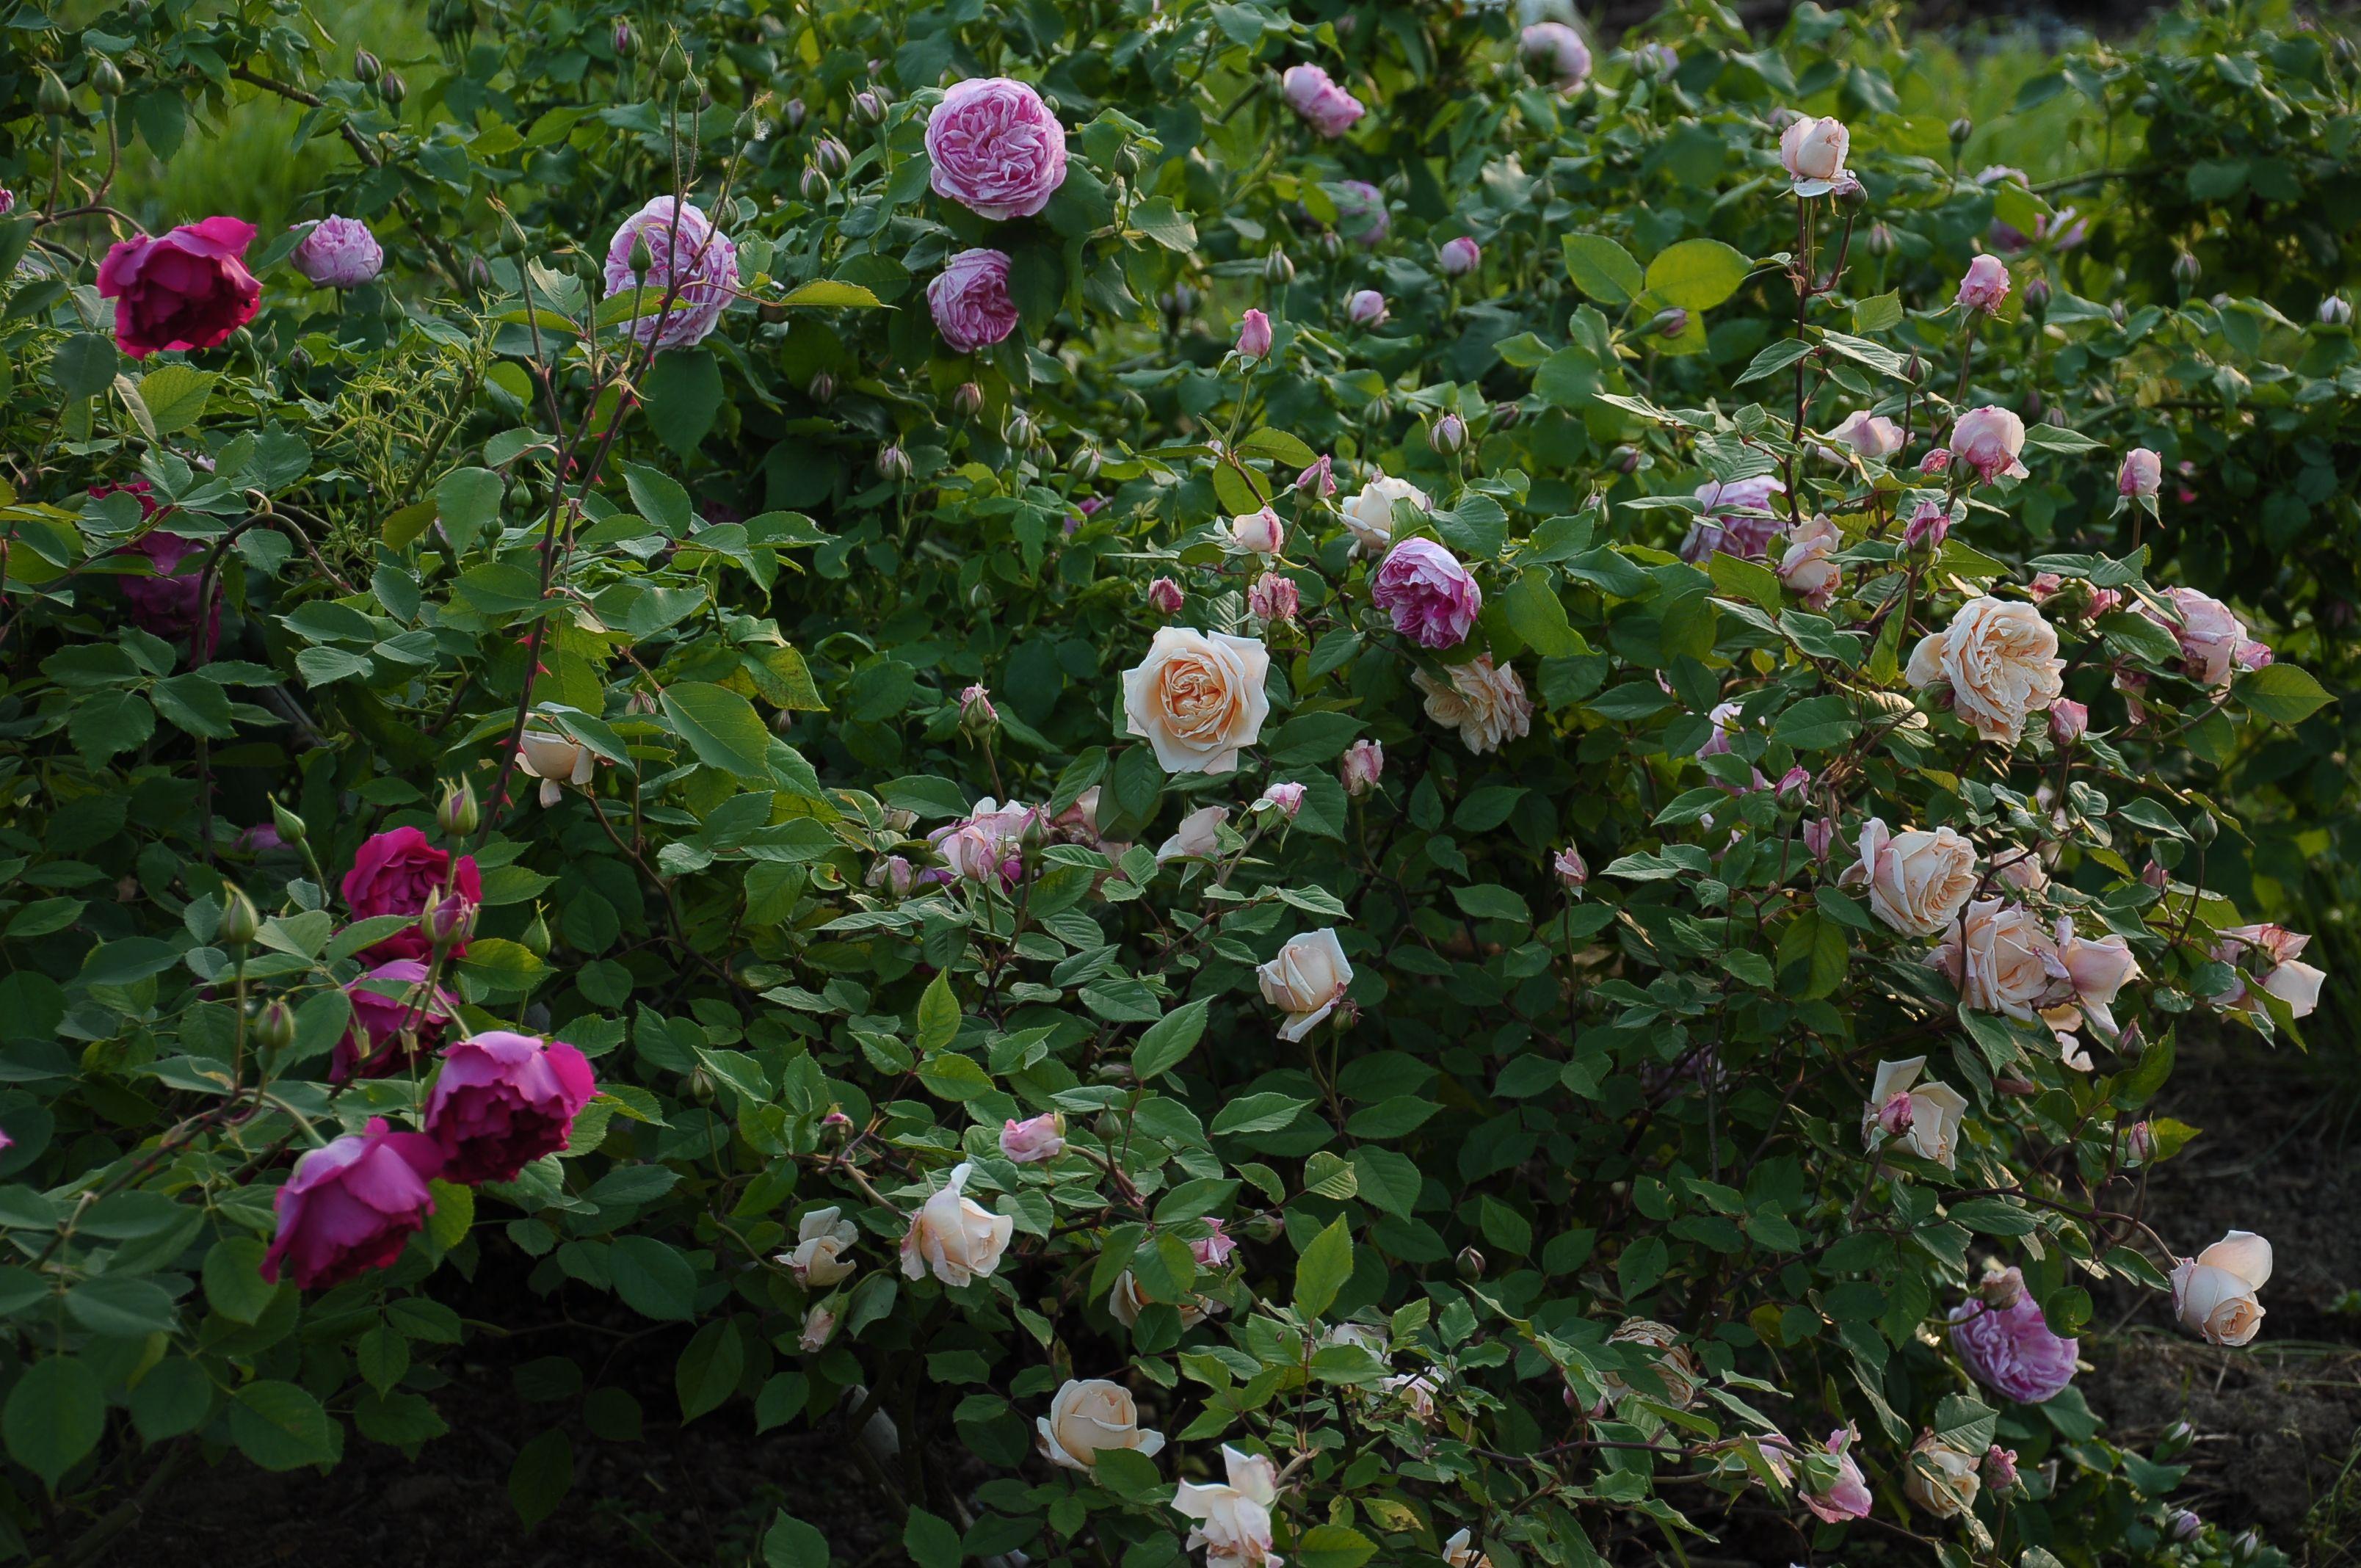 misto con franziska kruger fiori e rose mie foto